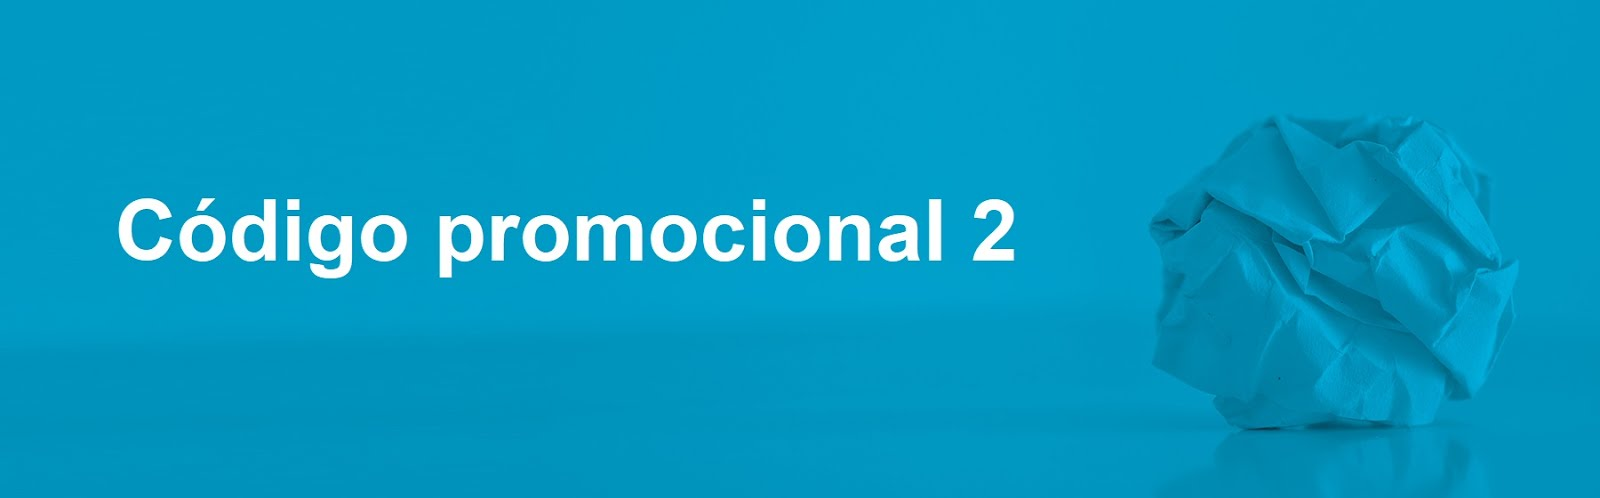 Código promocional 2